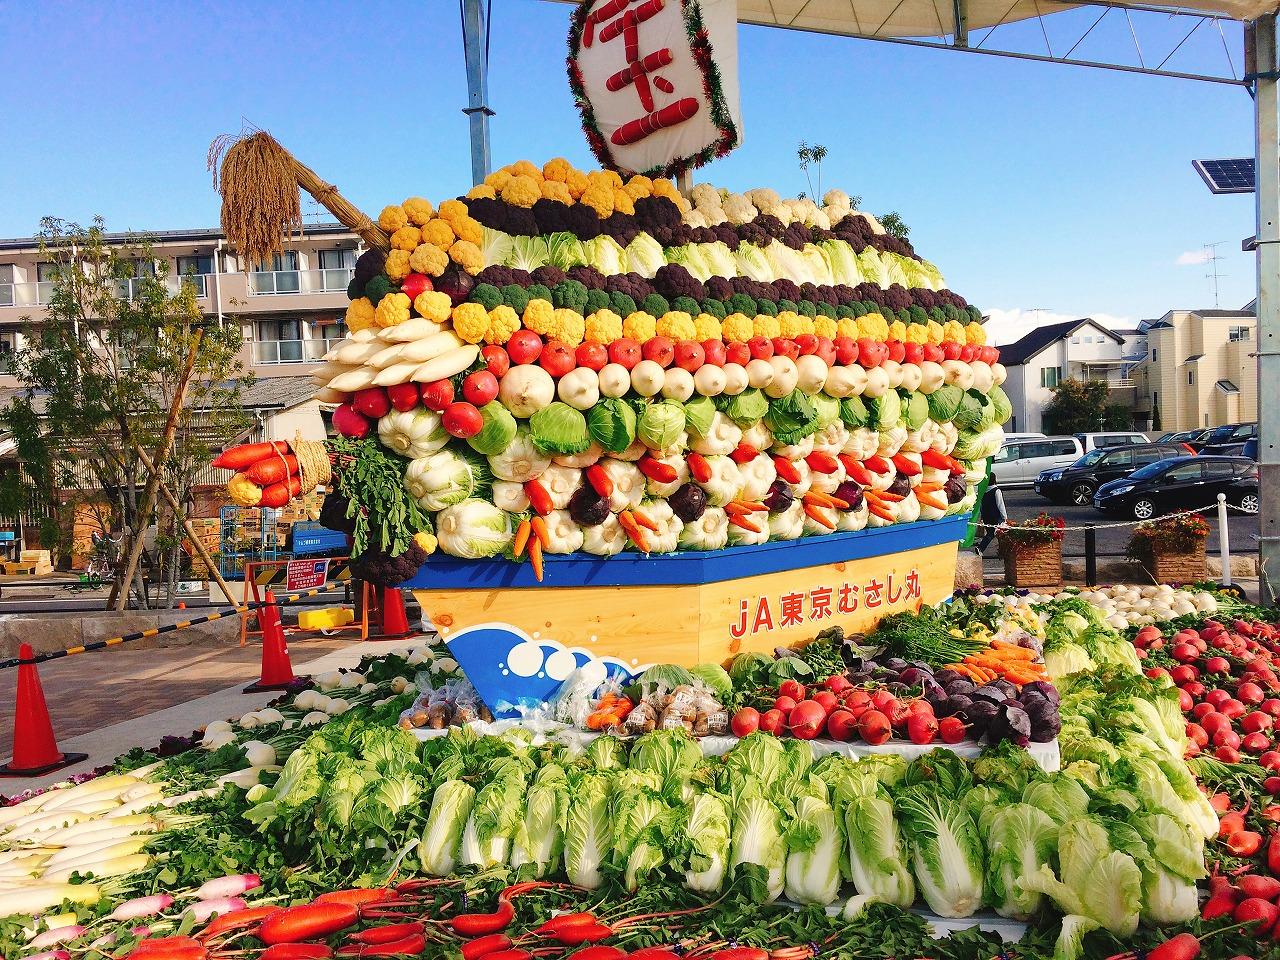 三鷹市農業祭